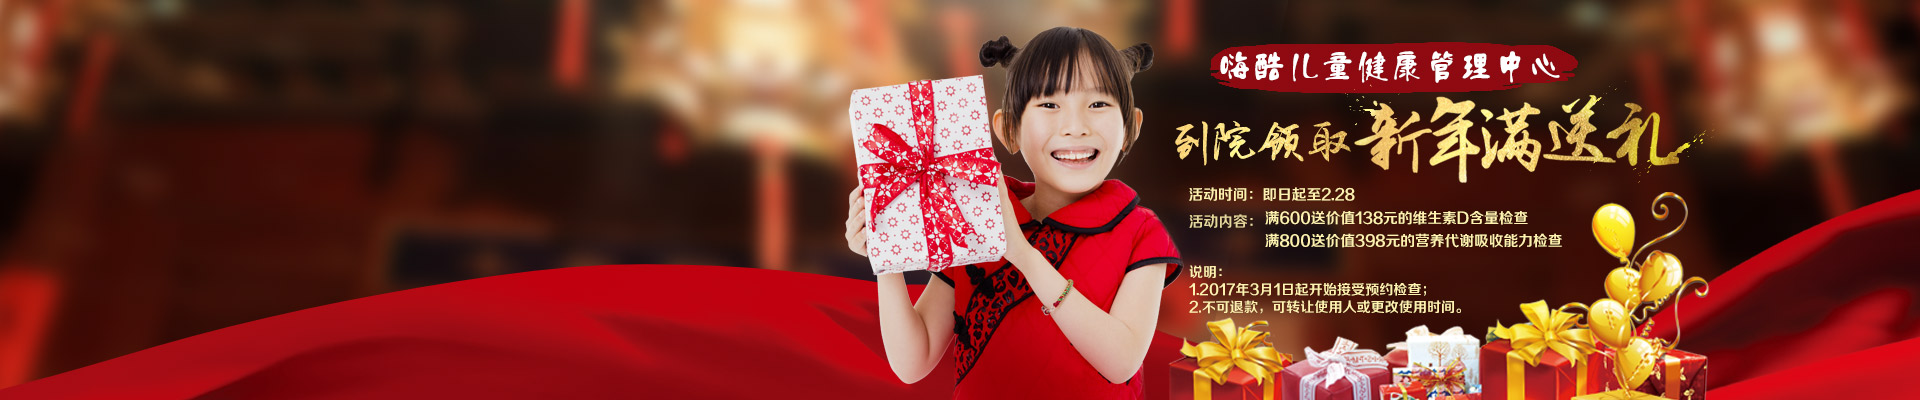 嗨酷儿童健康管理中心 到院领取新年满送礼